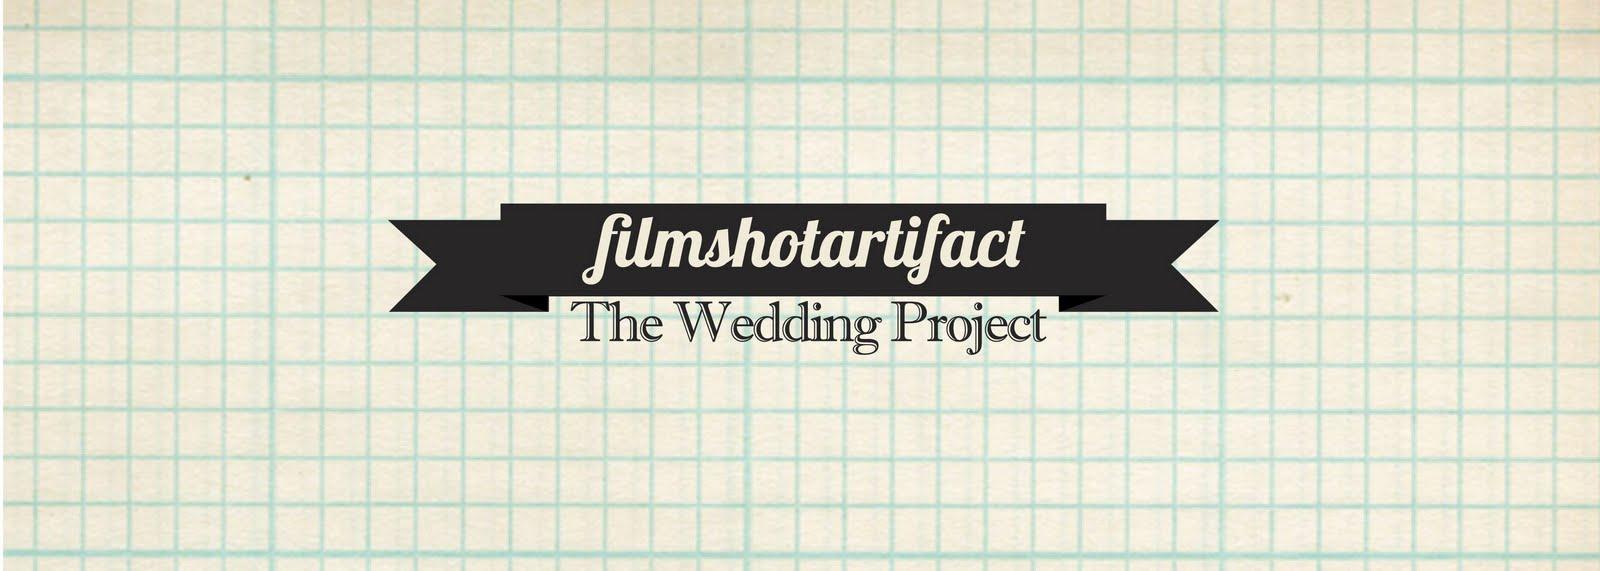 FILMSHOTARTIFACT